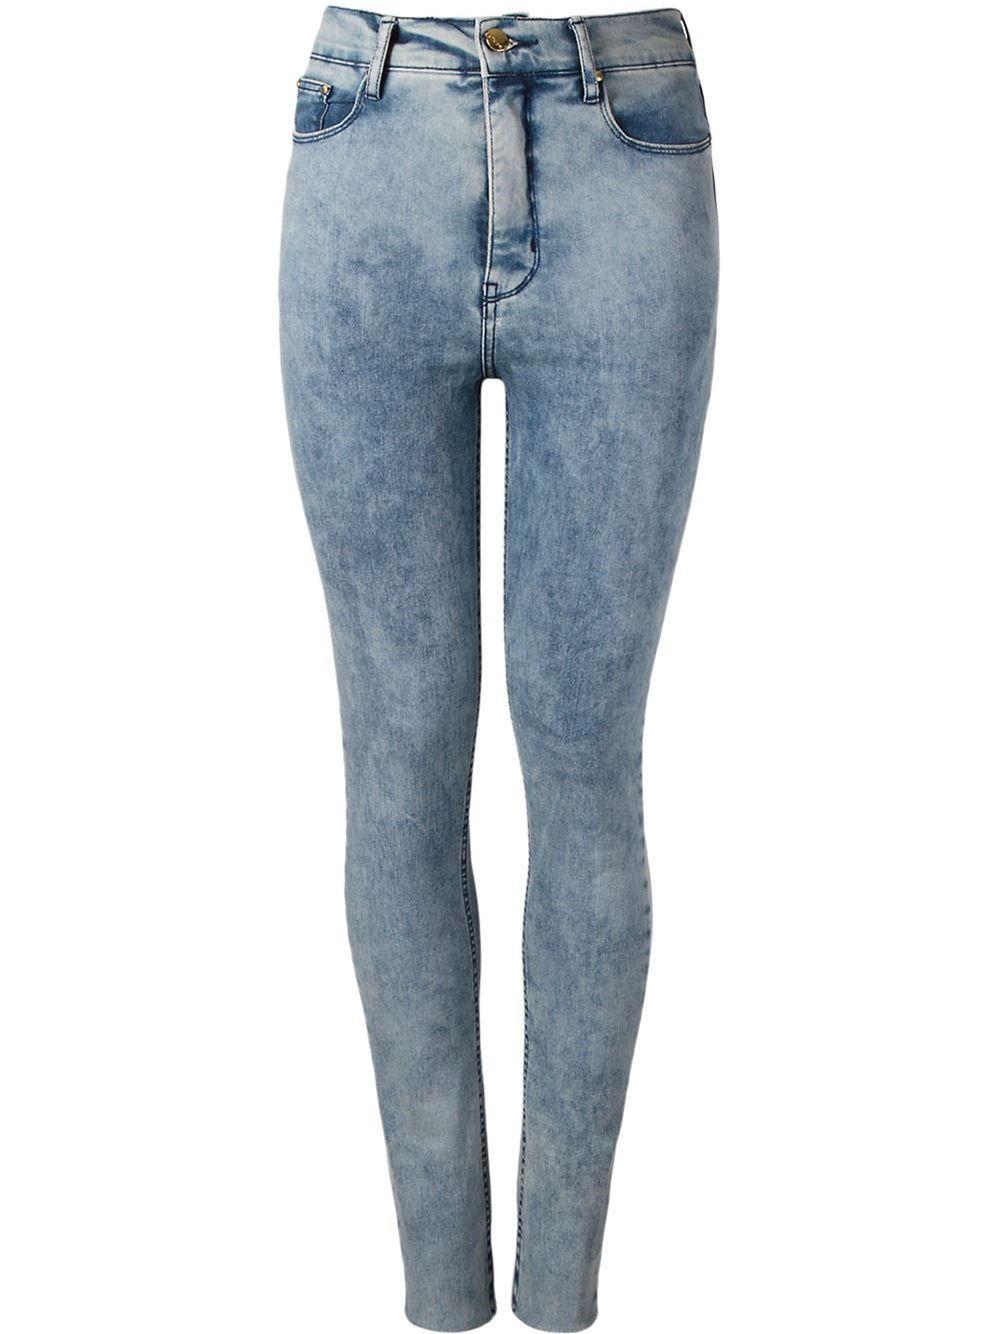 Amapô Calça Jeans Skinny Cintura Alta - Amapô - Farfetch.com